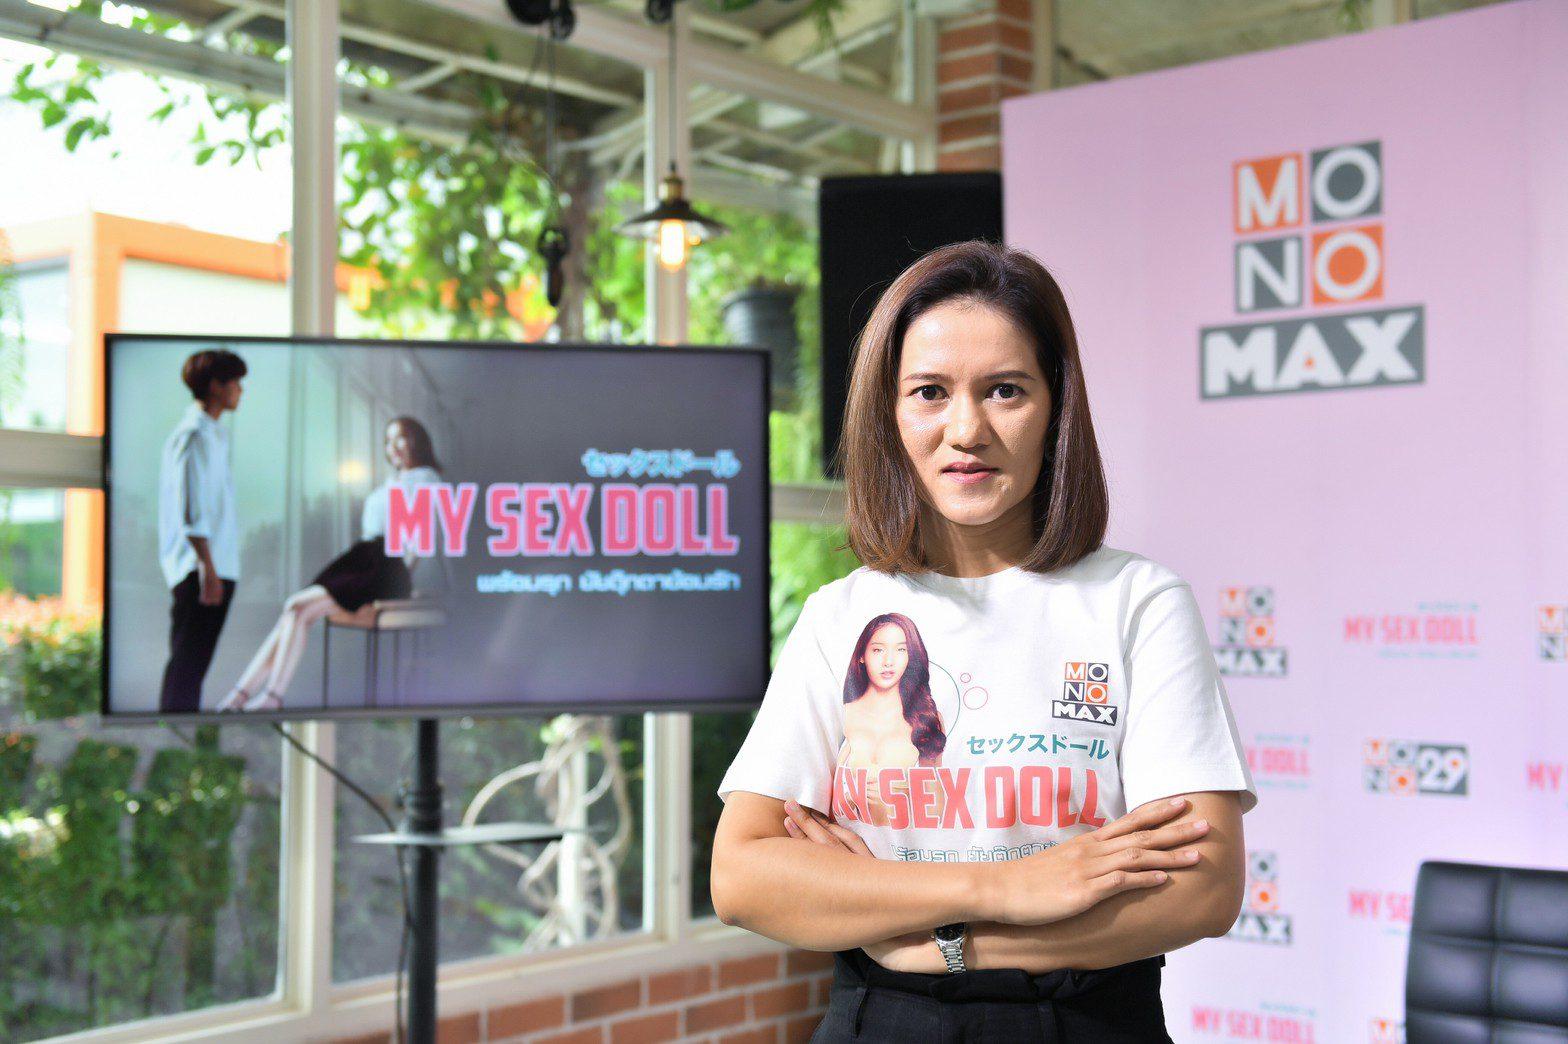 """โมโนแมกซ์ เปิดพื้นที่ให้ผู้กำกับ-นักแสดงหน้าใหม่ สร้างผลงานคิดนอกกรอบผ่านภาพยนตร์""""MY SEXDOLL"""""""